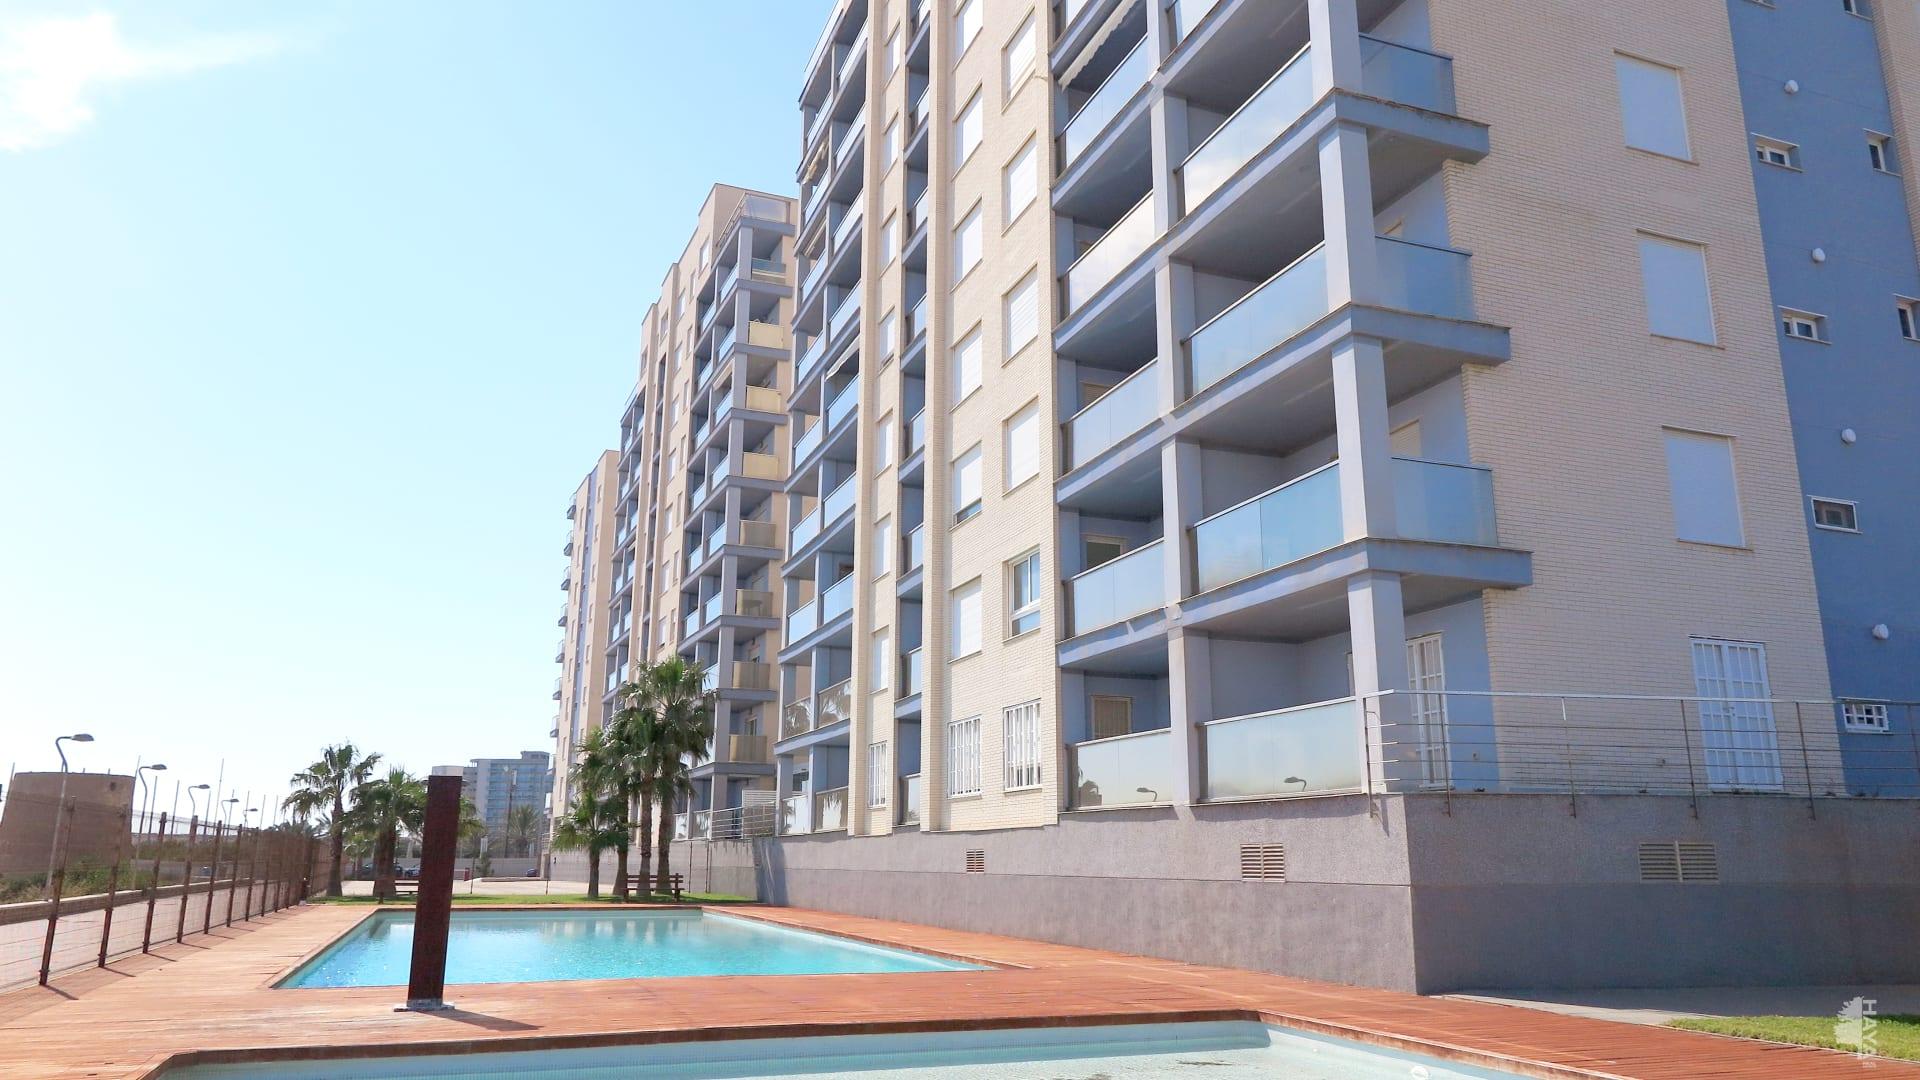 Piso en venta en San Javier, Murcia, Calle Prolongación Pol F. Conj Resid. Veneziola Golf Ii, 78.000 €, 1 habitación, 1 baño, 44 m2